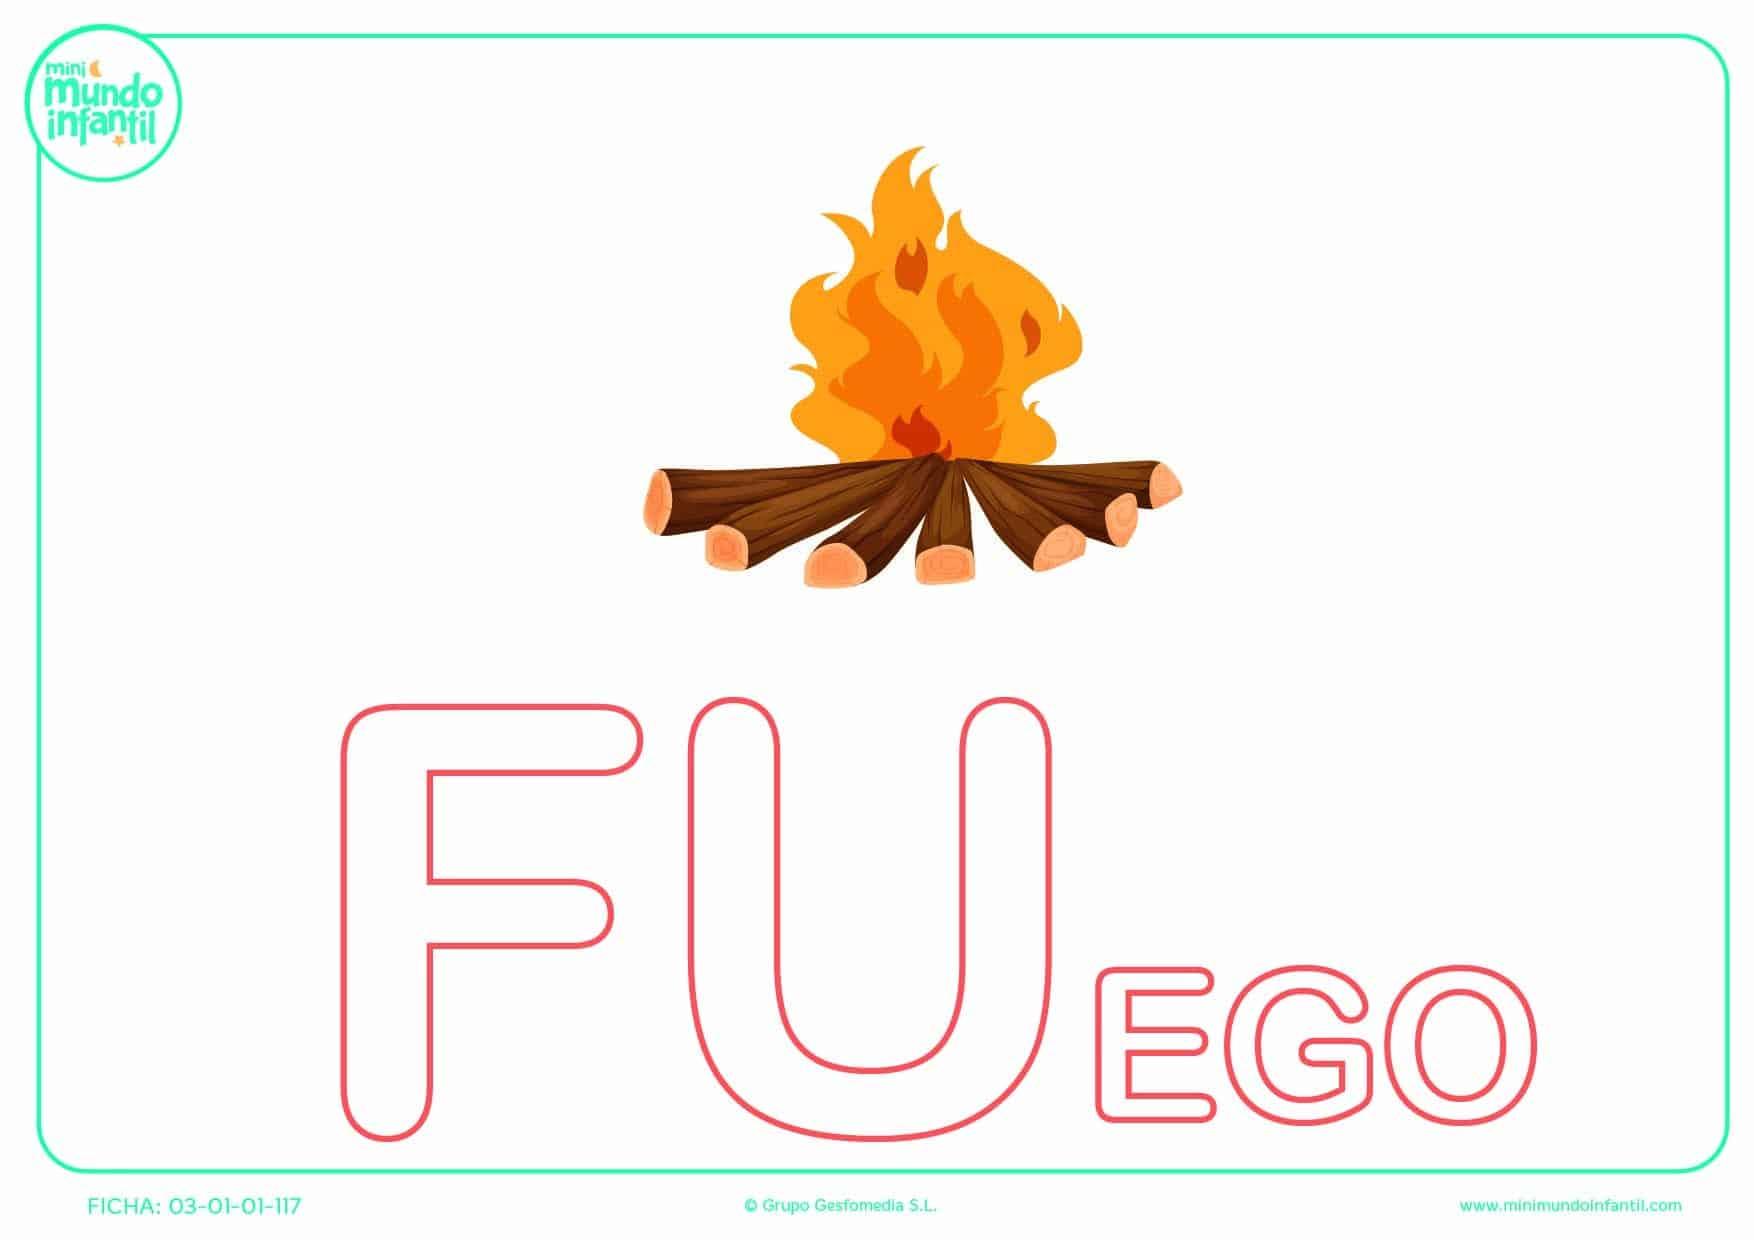 Completar la sílaba FU de fuego en mayúsculas